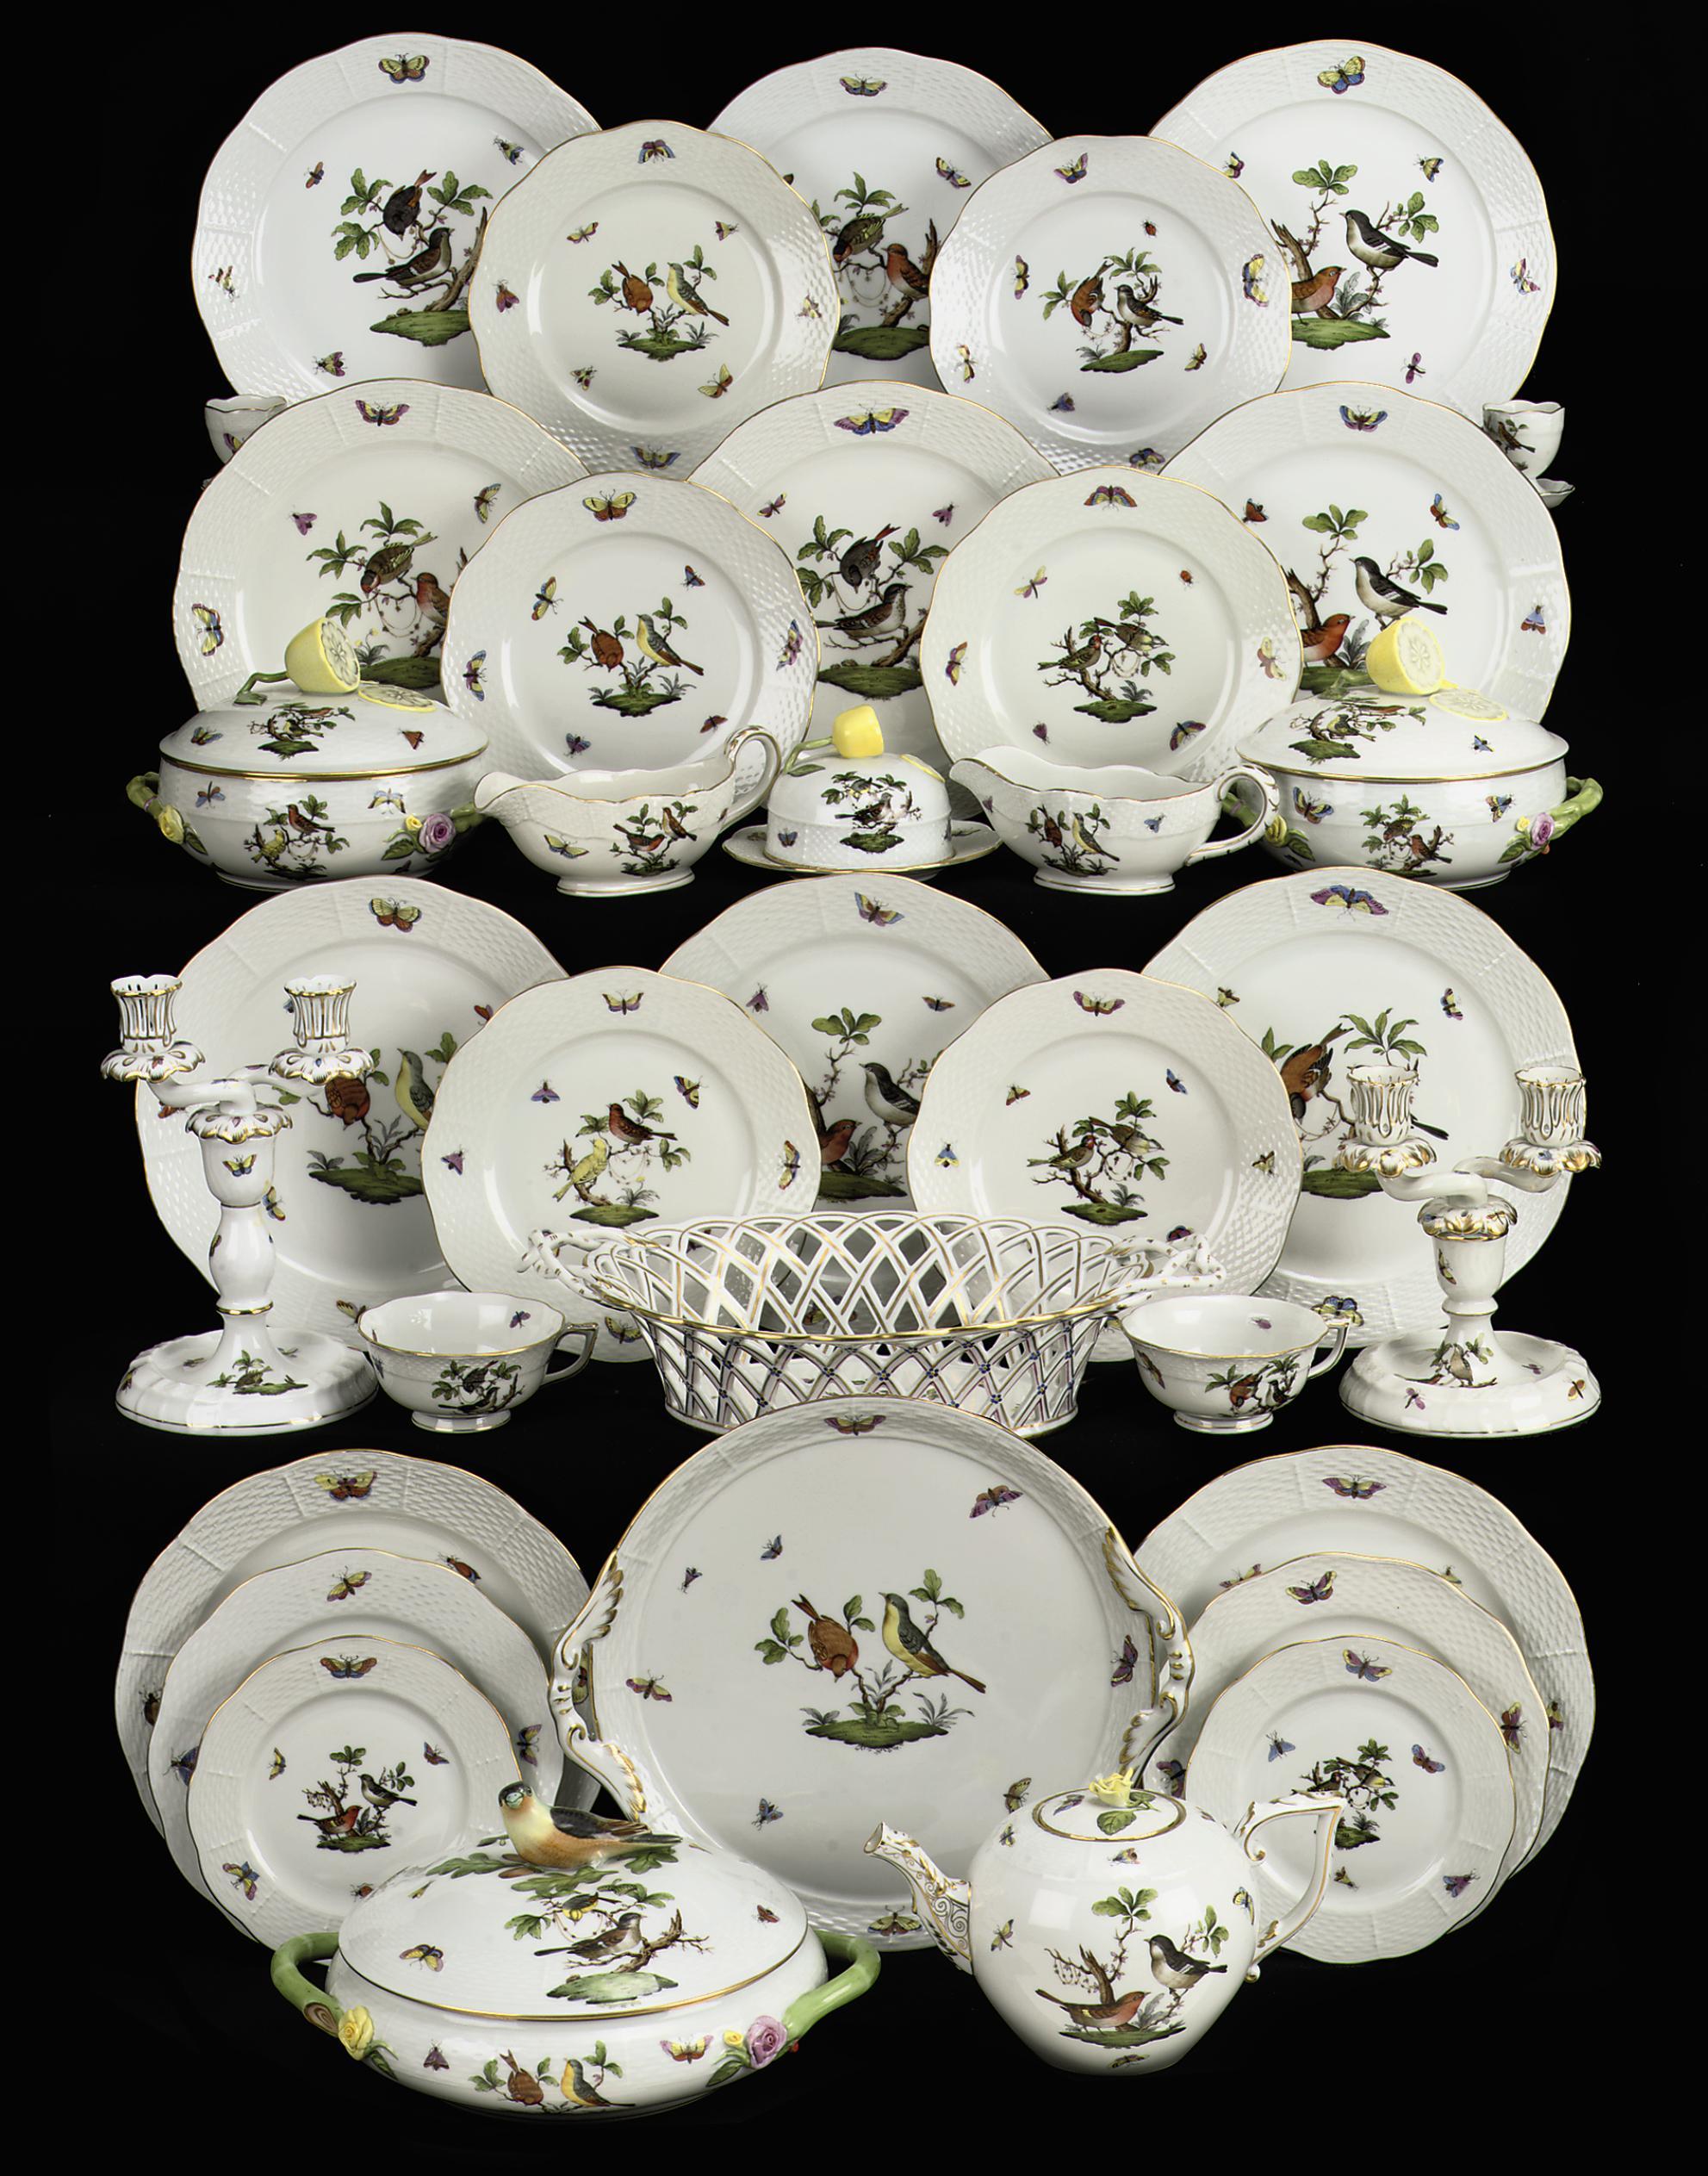 An assembled Herend 'Rothschild bird' part dinner service